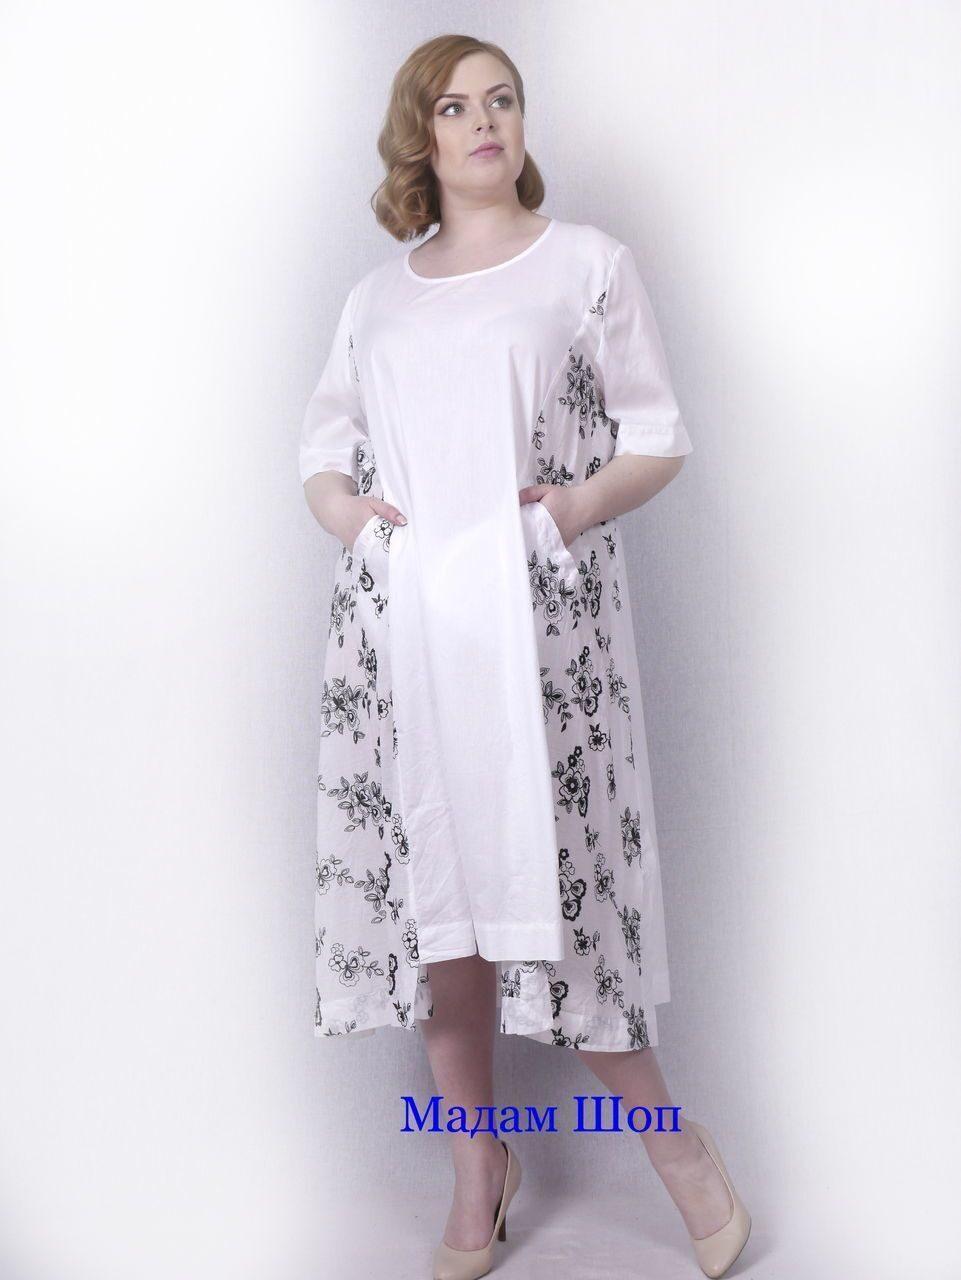 1ceecc8f3b9 Белое длинное платье из легкого хлопка с боковыми черно-белыми вставками с  ненавзячивым